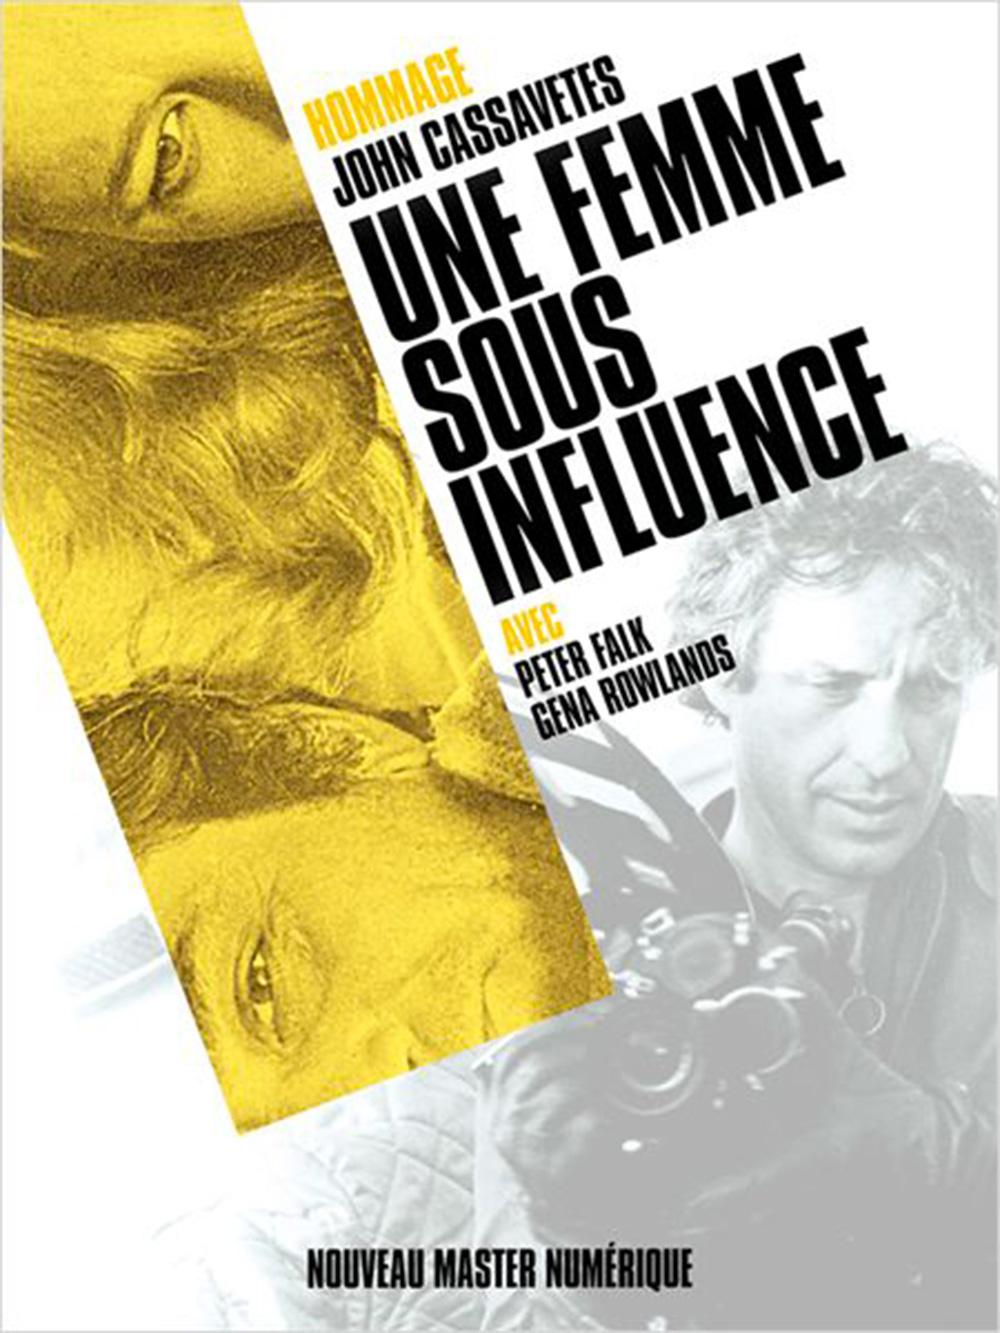 femmesousinfluence